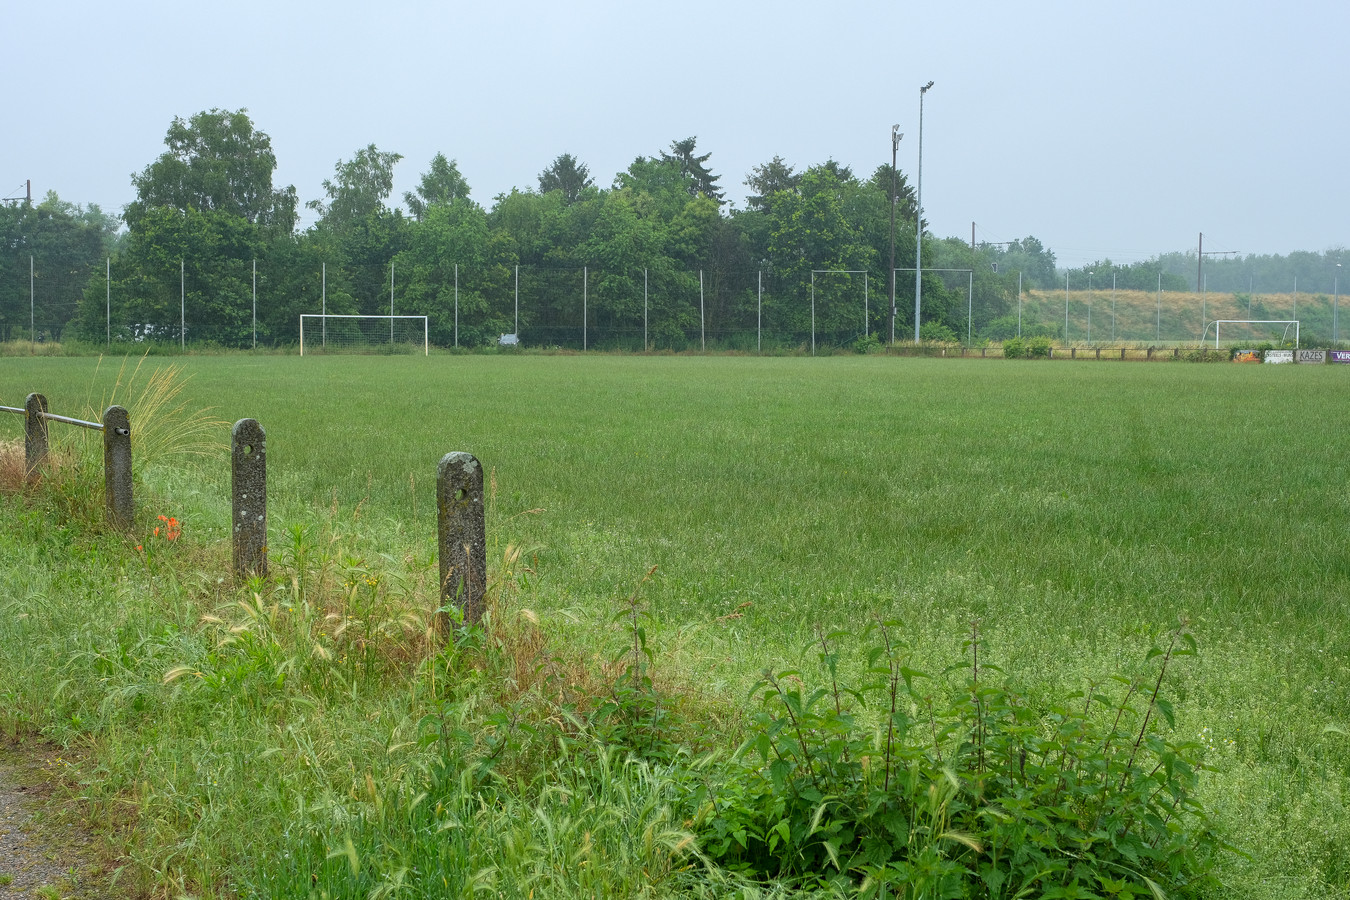 De gemeente Zemst vindt dat de Galgenberg-site in Weerde meer potentieel heeft dan alleen de voetbalaccommodatie. Daarom zal het tweede terrein van VK Weerde een andere invulling krijgen.